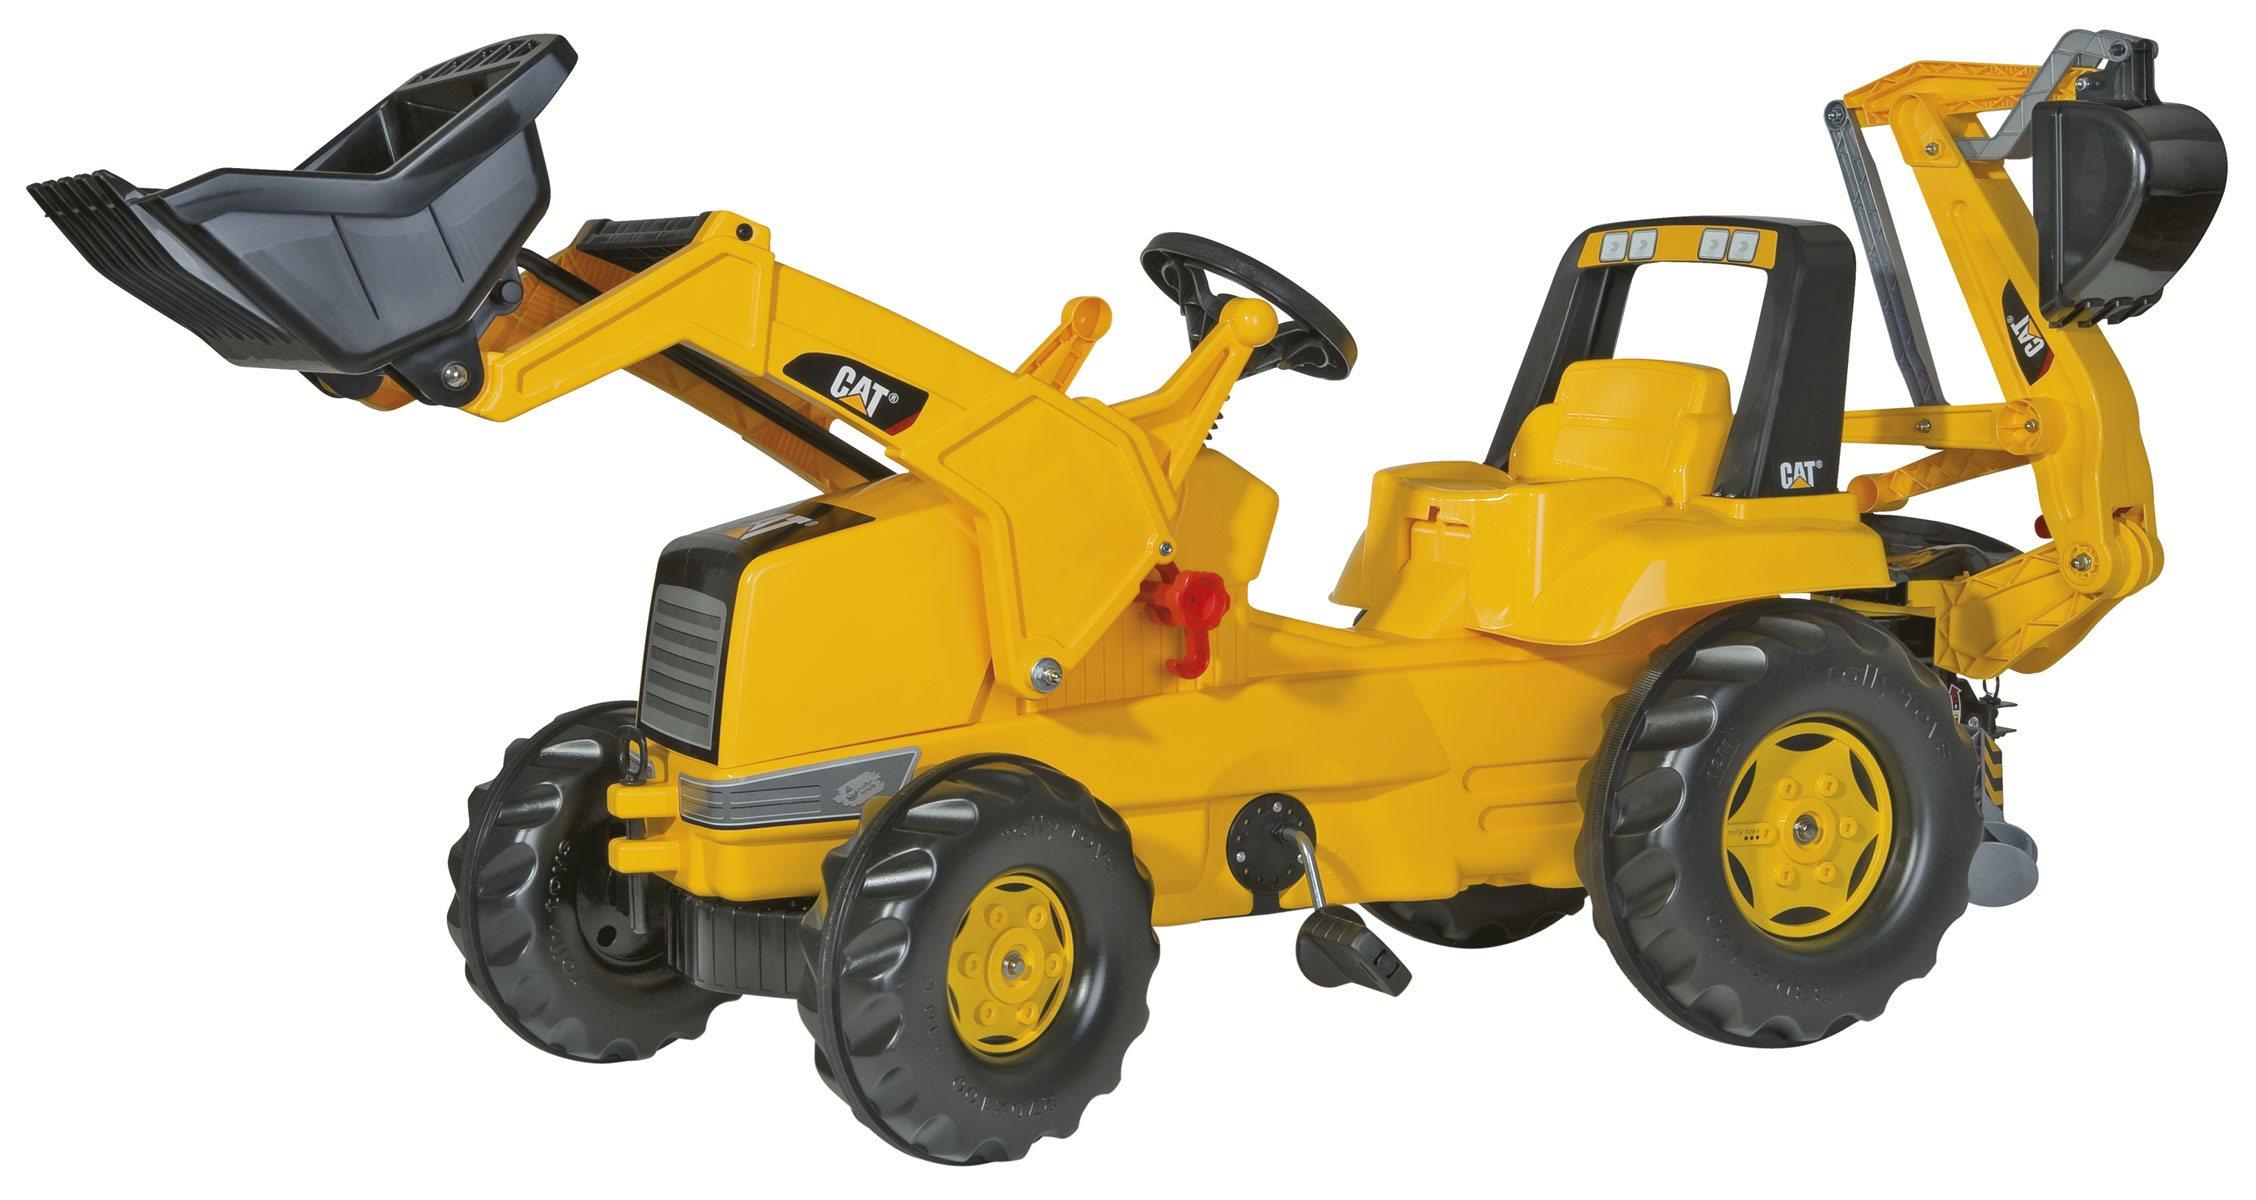 Tractor cat con pala delantera y excavadora trasera